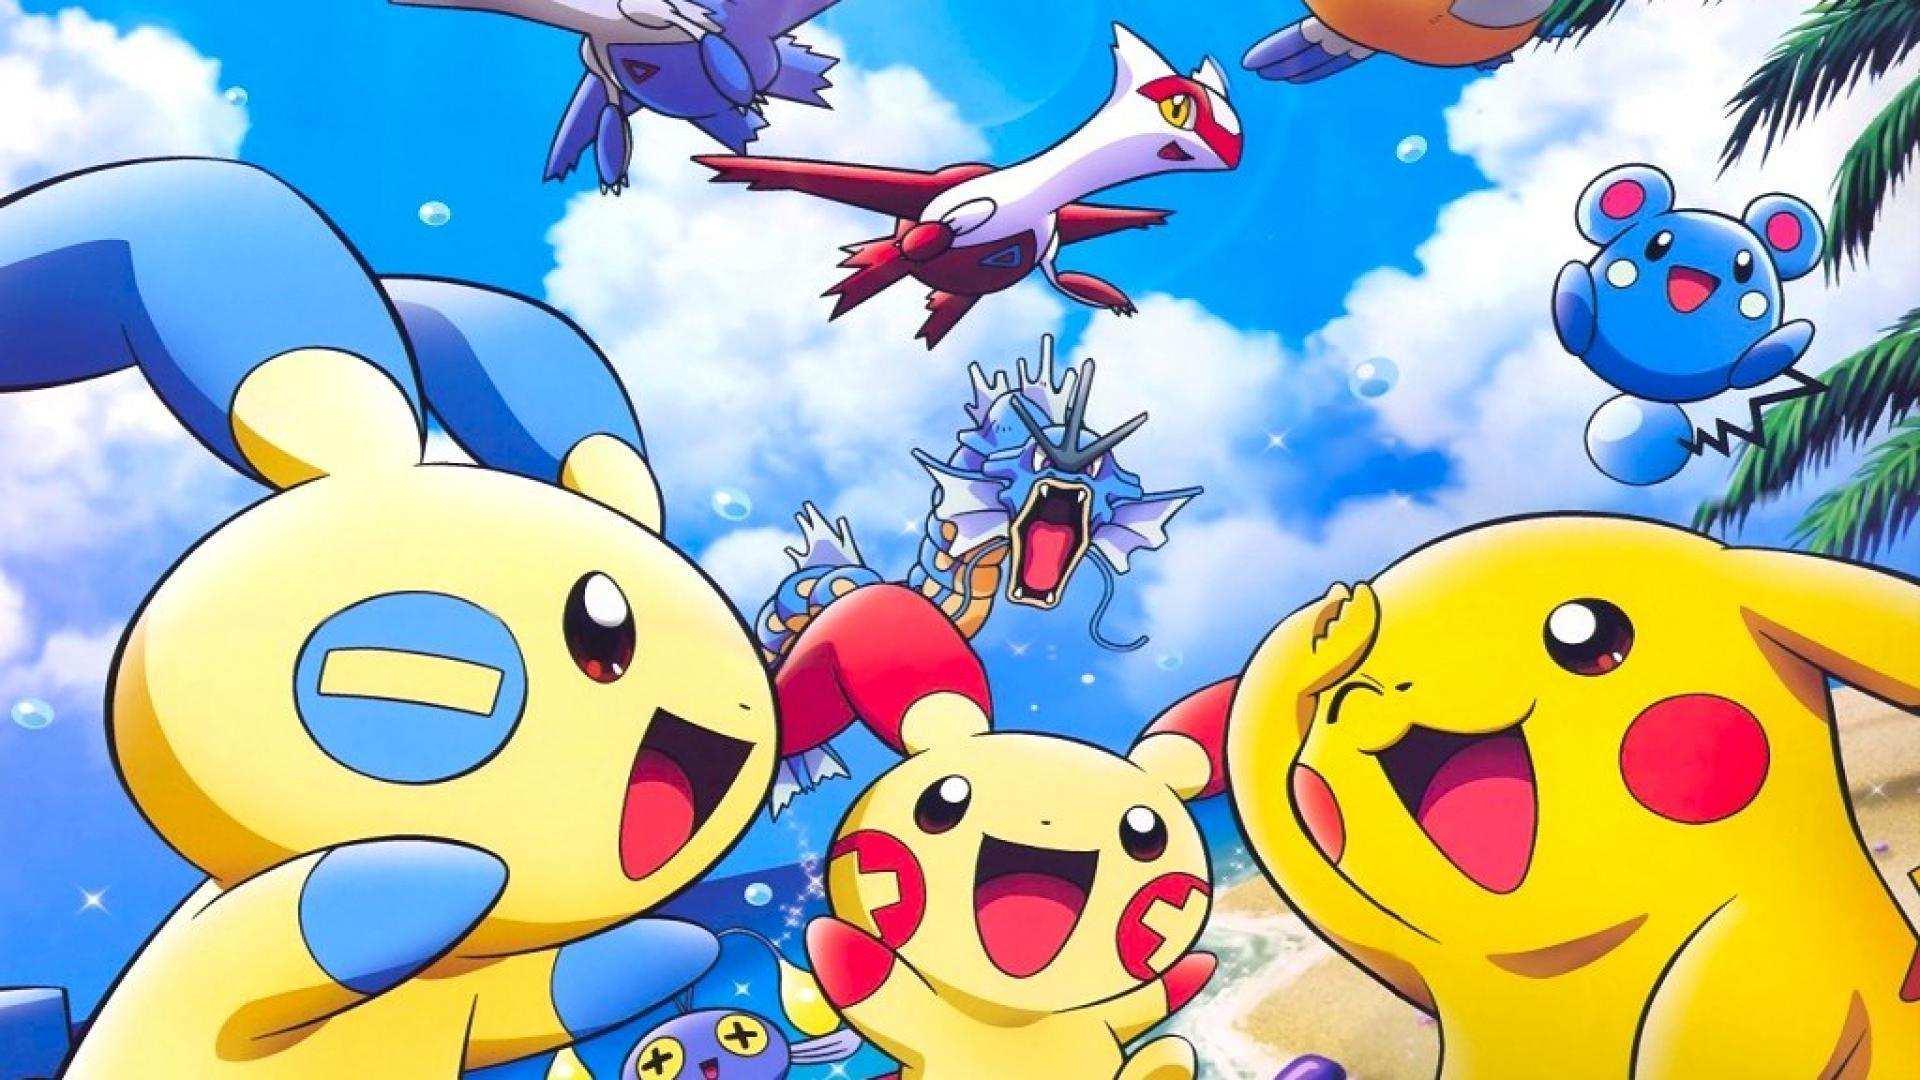 Hình nền Pokemon cùng vui đùa bên bờ biển